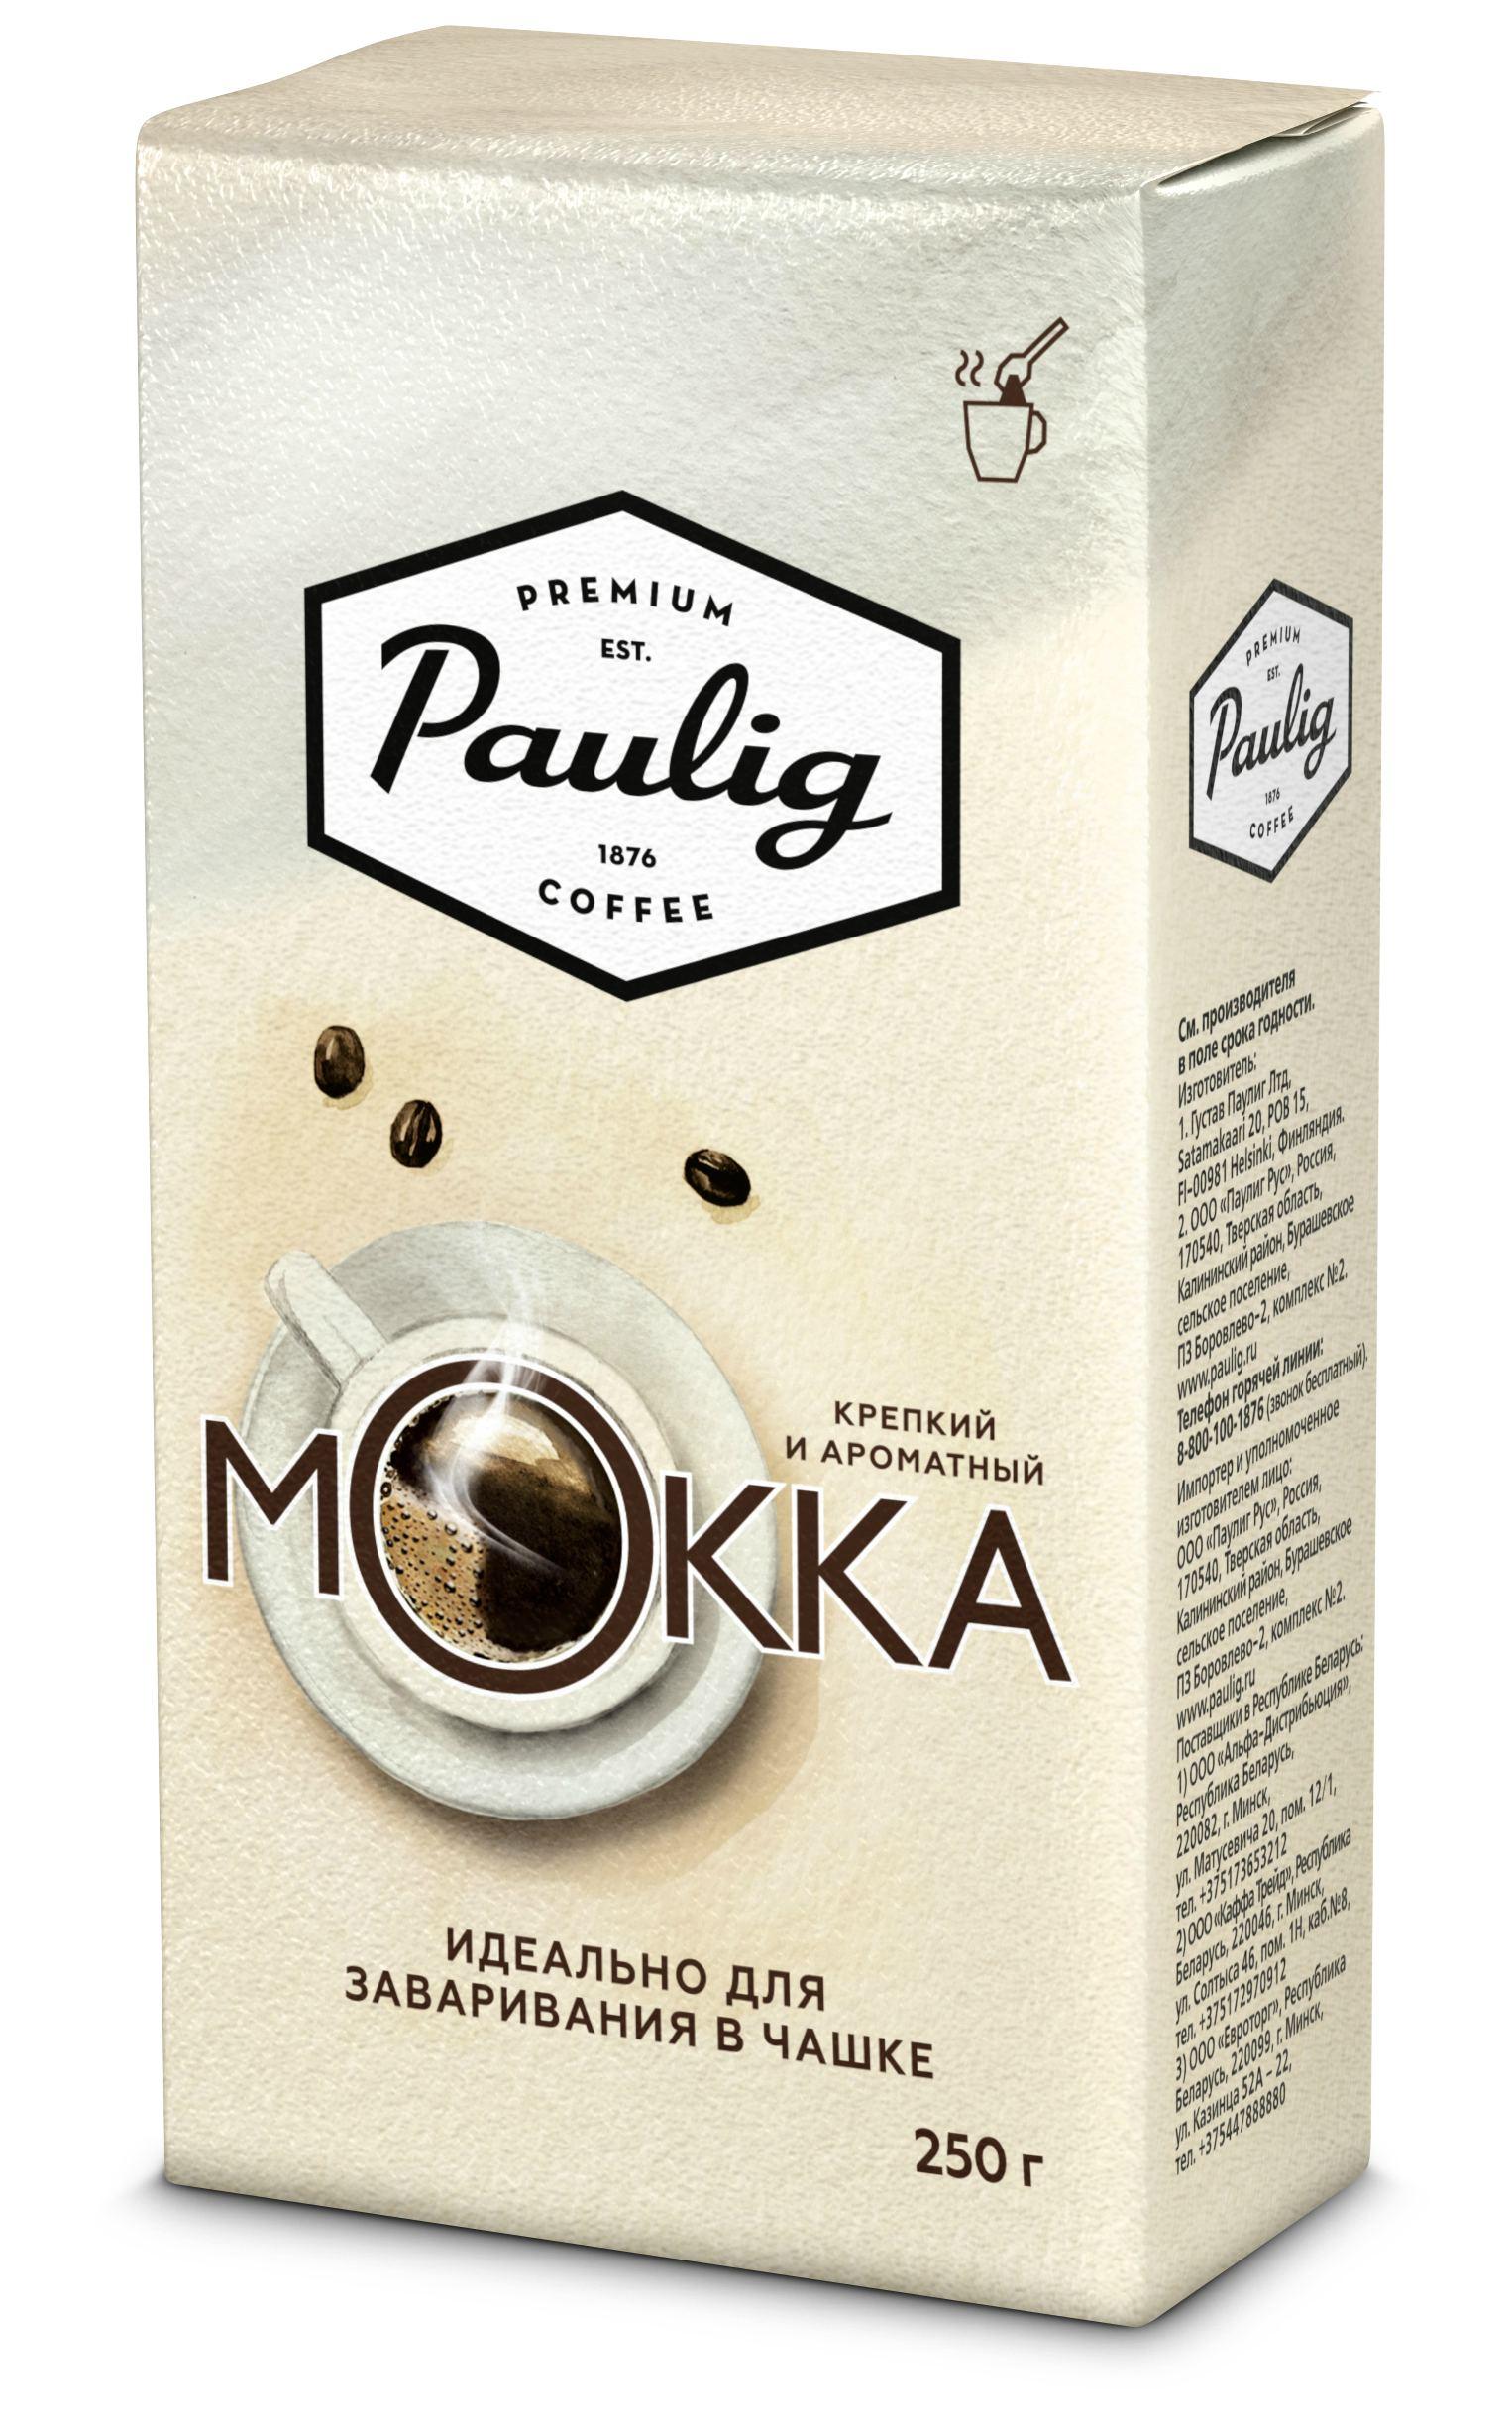 Паулиг Кофе Мокка молотый для заваривания в чашке PAULIG кофе paulig кофе classic молотый для турки 200 г